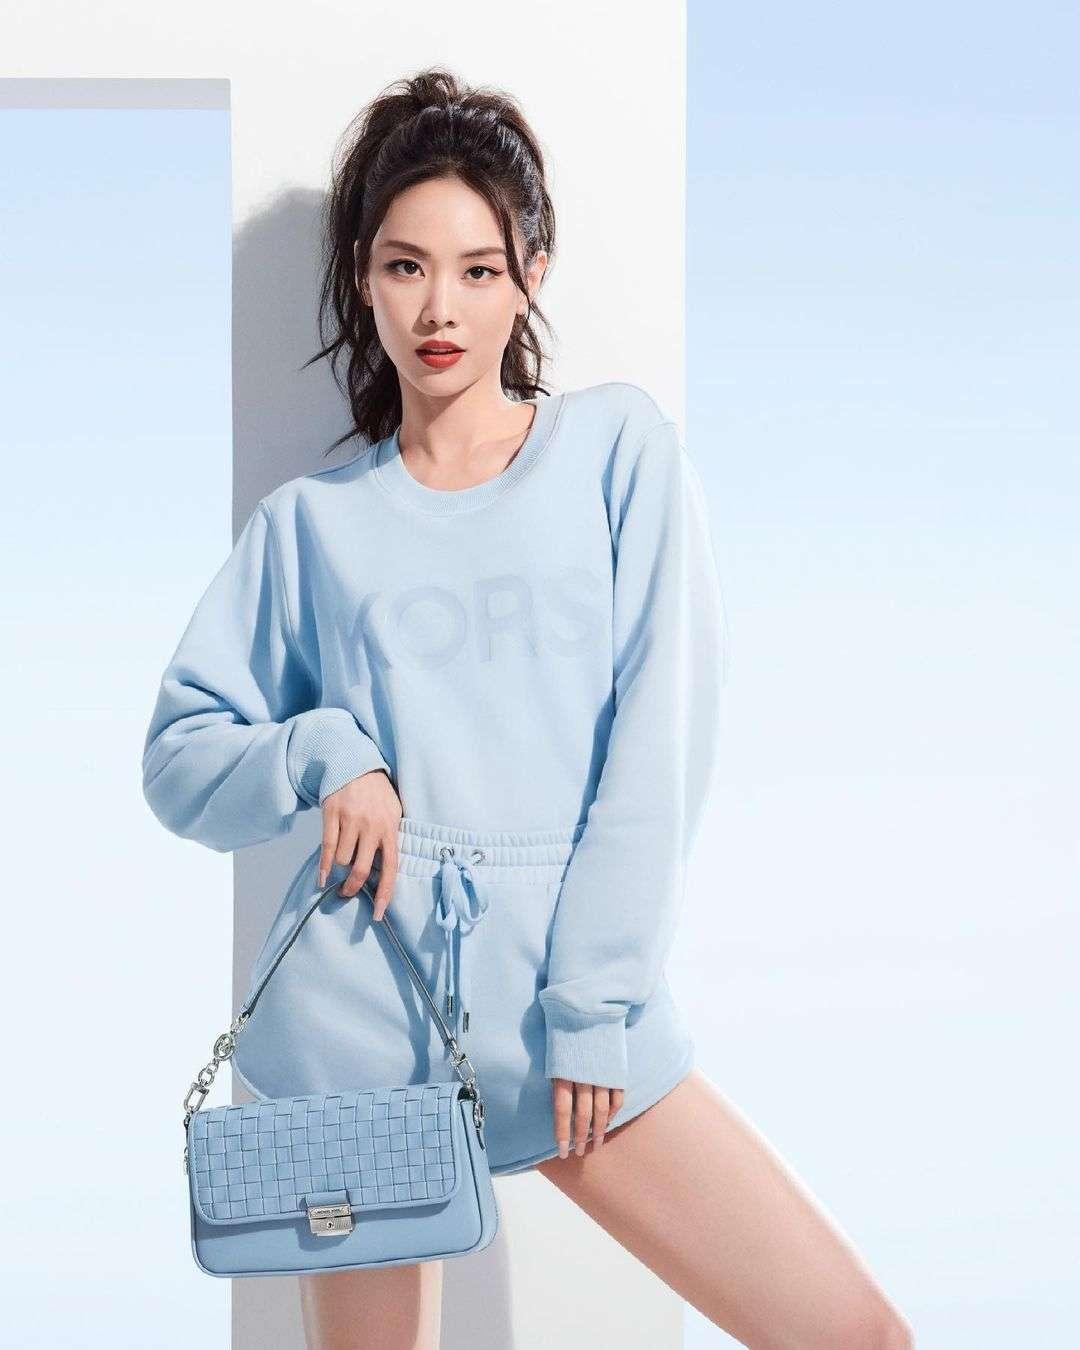 wang feifei gorgeous